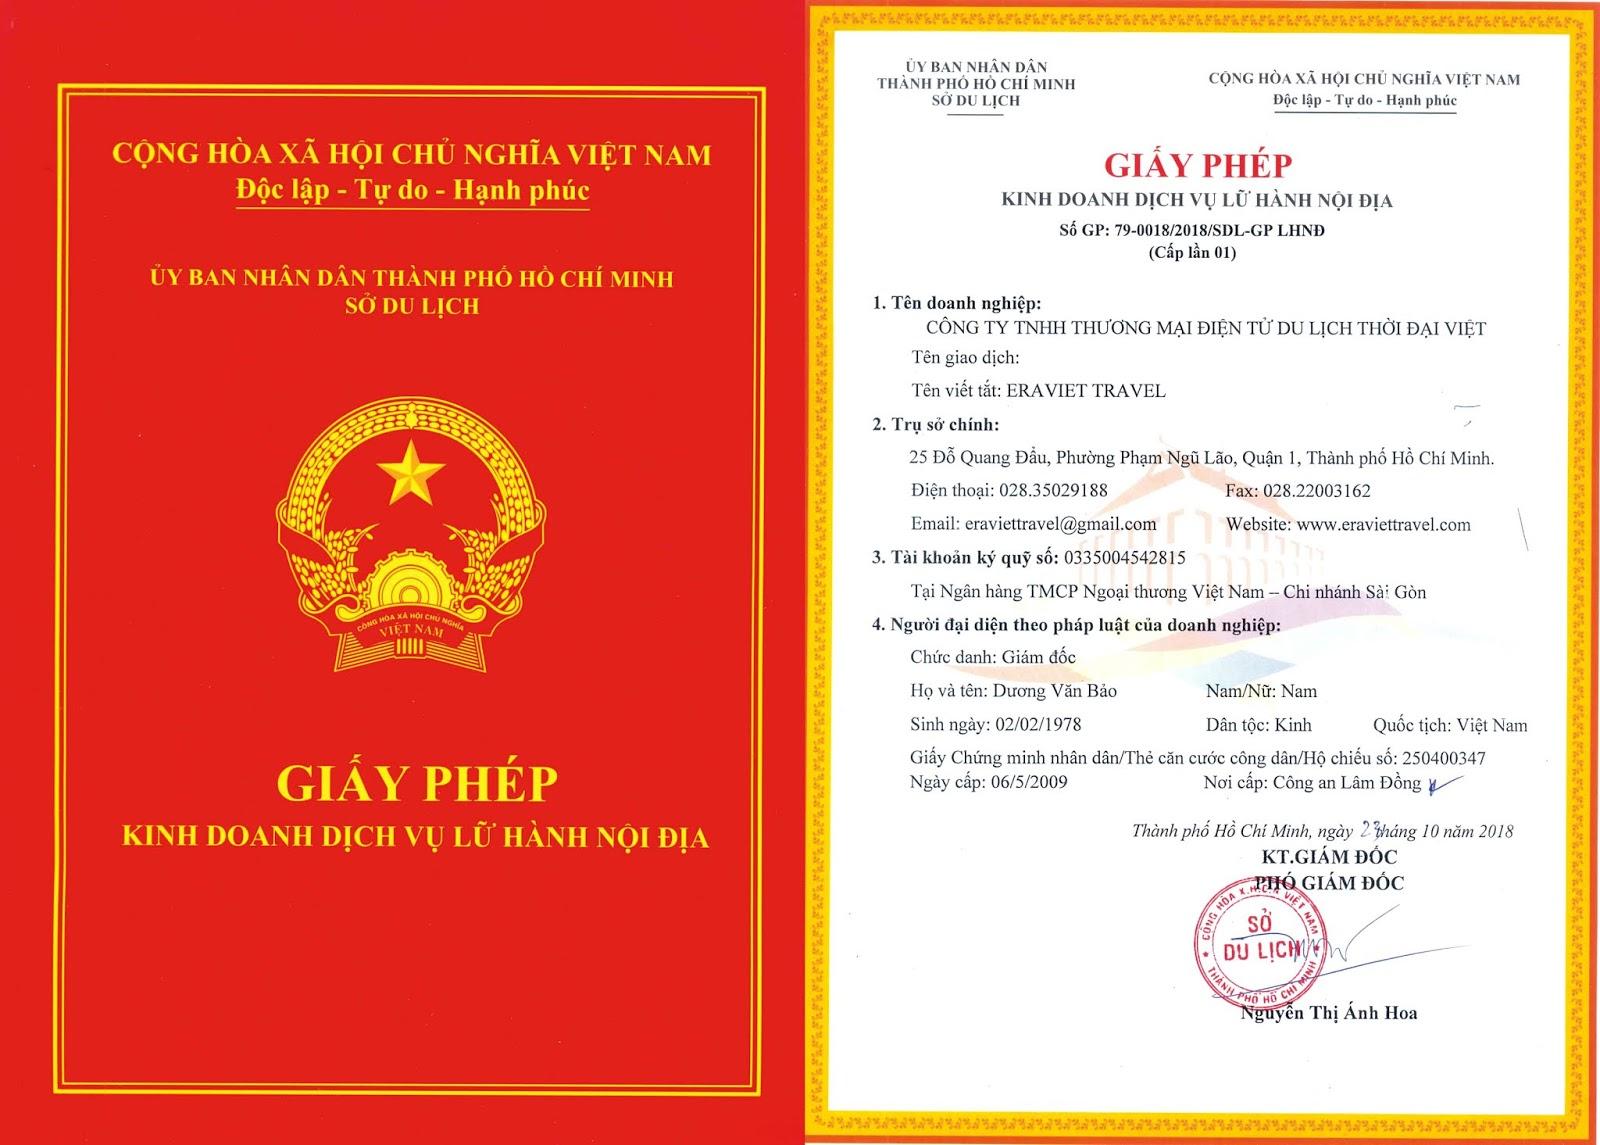 https://www.dulichmientaynambo.com/p/gioi-thieu-cong-ty-du-lich-thoi-ai-viet.html